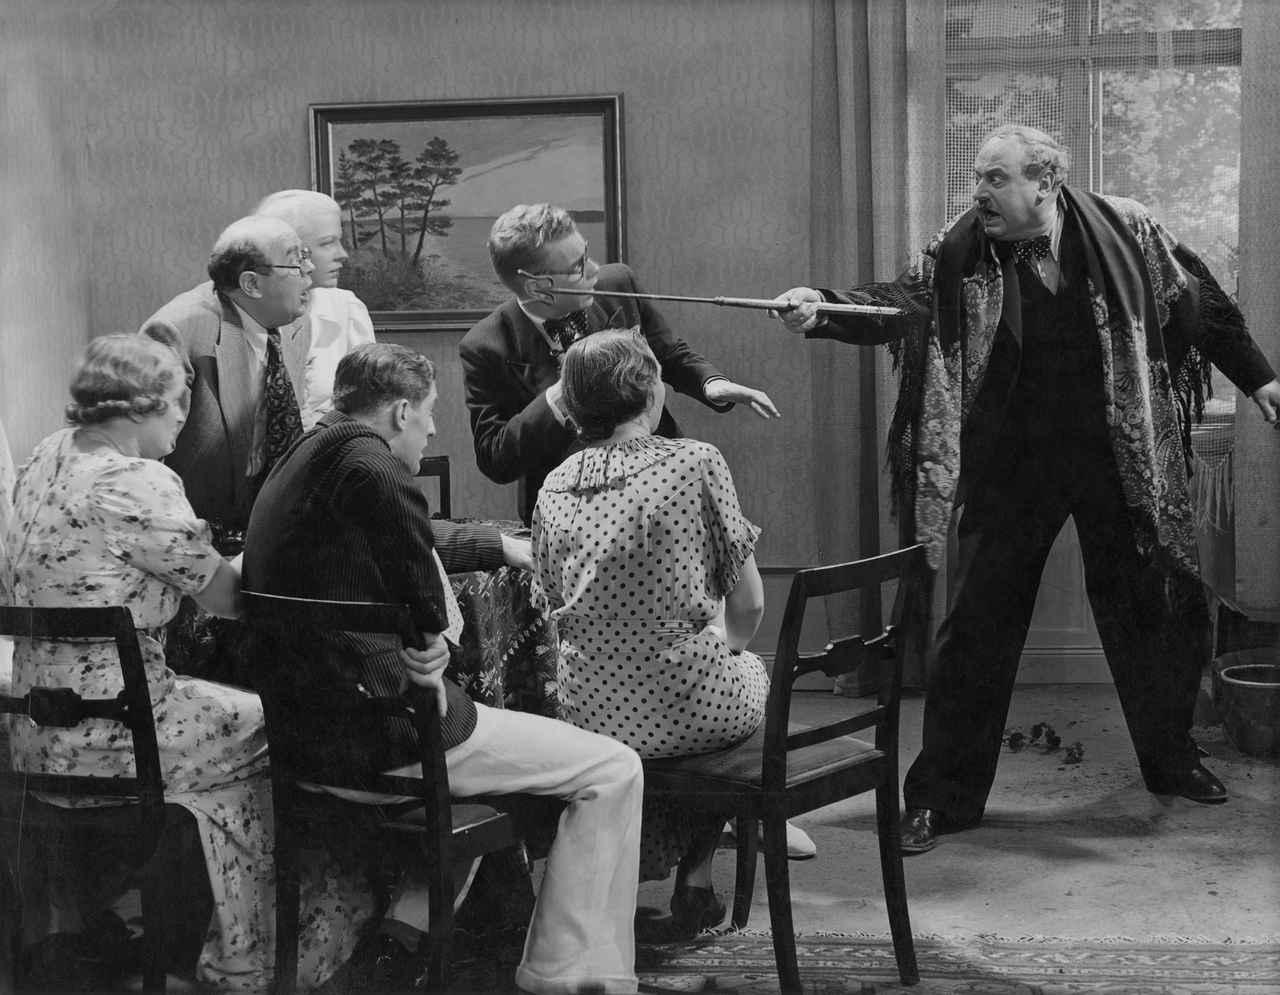 画像: 『ペンション「楽園」』場面写真 (1937)監:ヴェイレル・ヒルデブランド 現在でもスウェーデン国民から愛される大衆喜劇